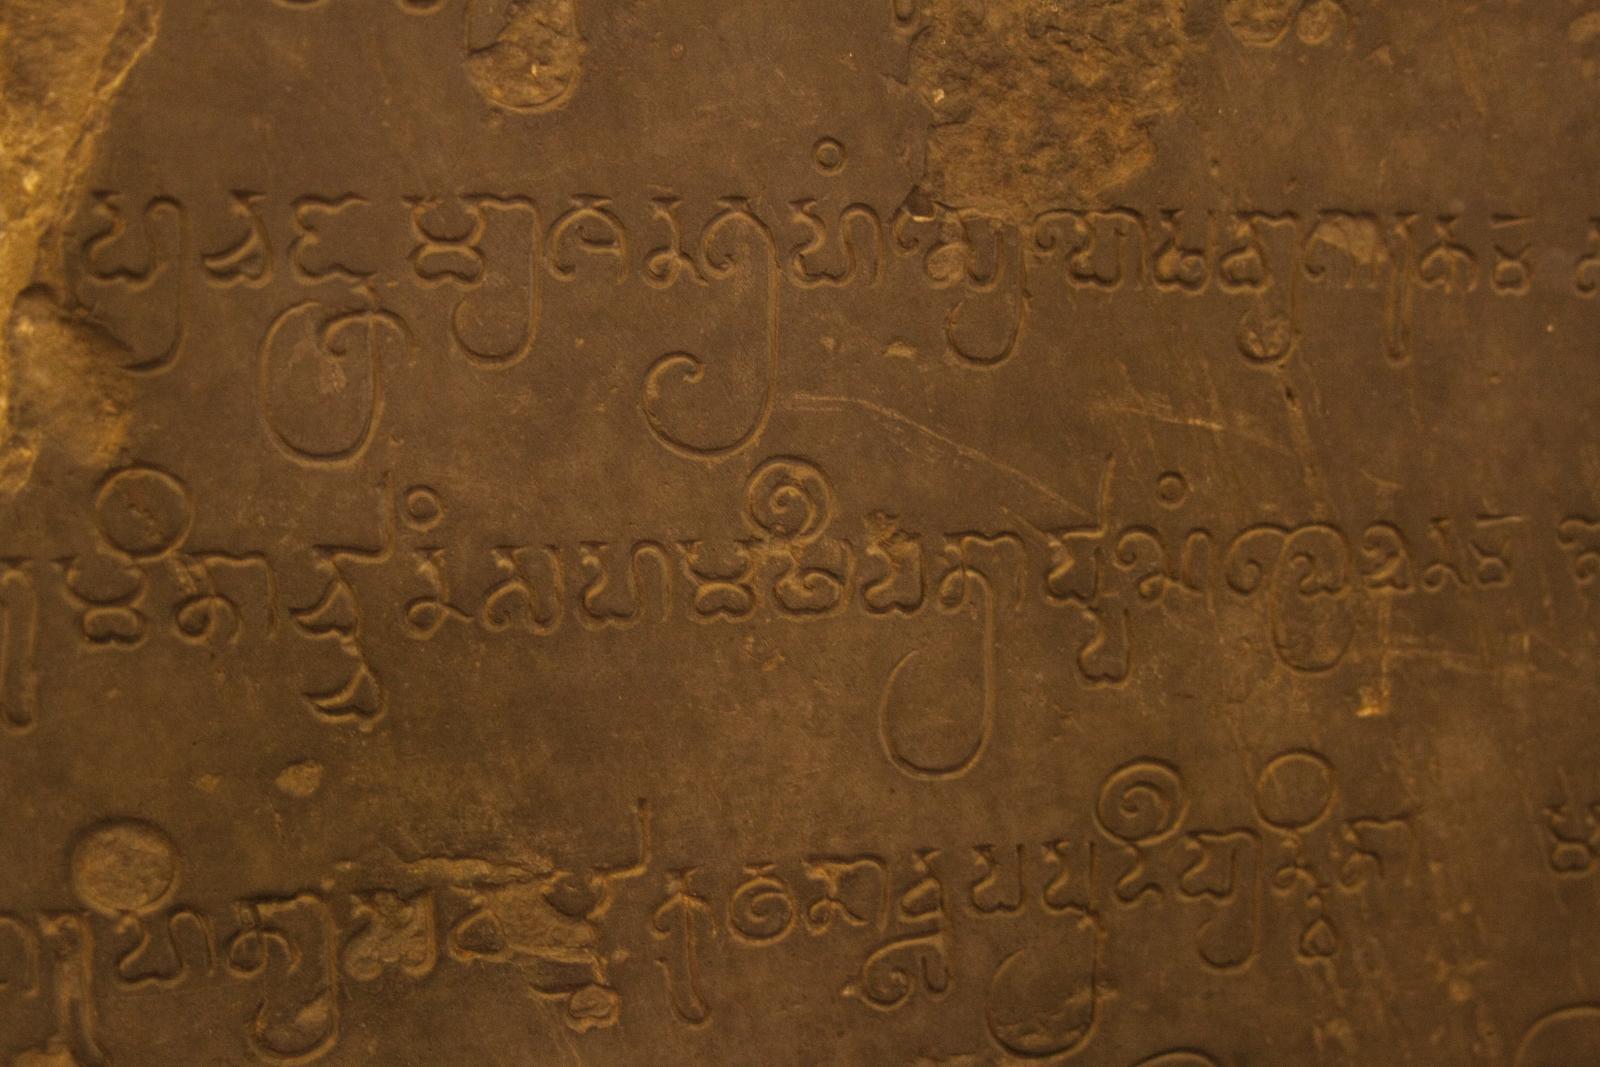 Pallava script